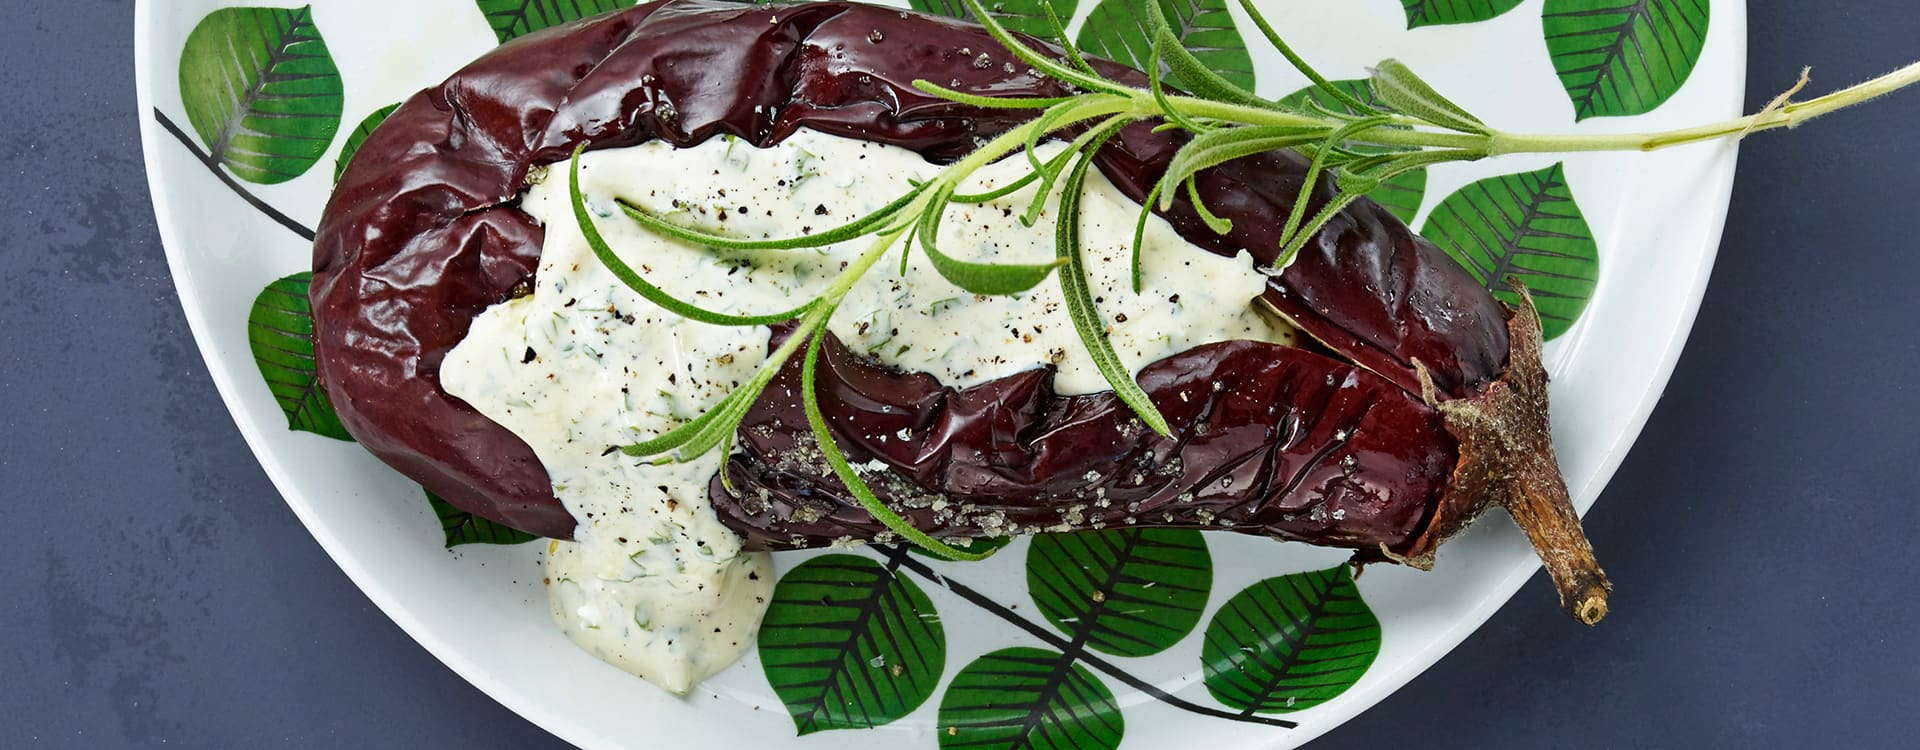 Bakt aubergine med ostekrem og rosmarin